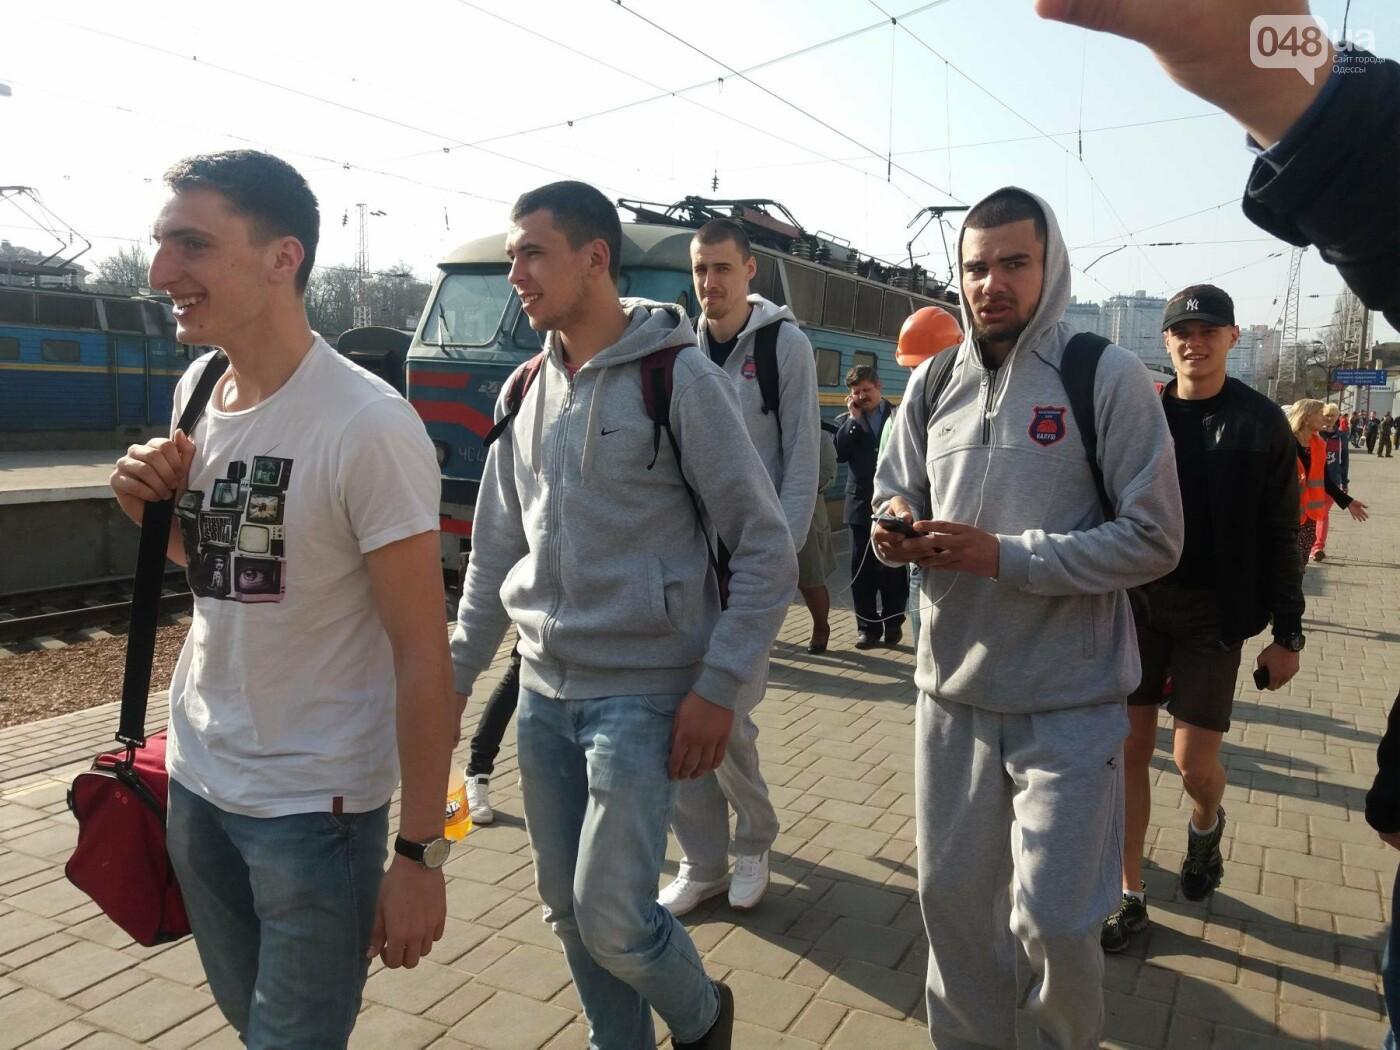 «Осторожно: мэр-хозяйственник» - в Одессе на вокзале туристам выдавали каски (ФОТО, ВИДЕО), фото-4